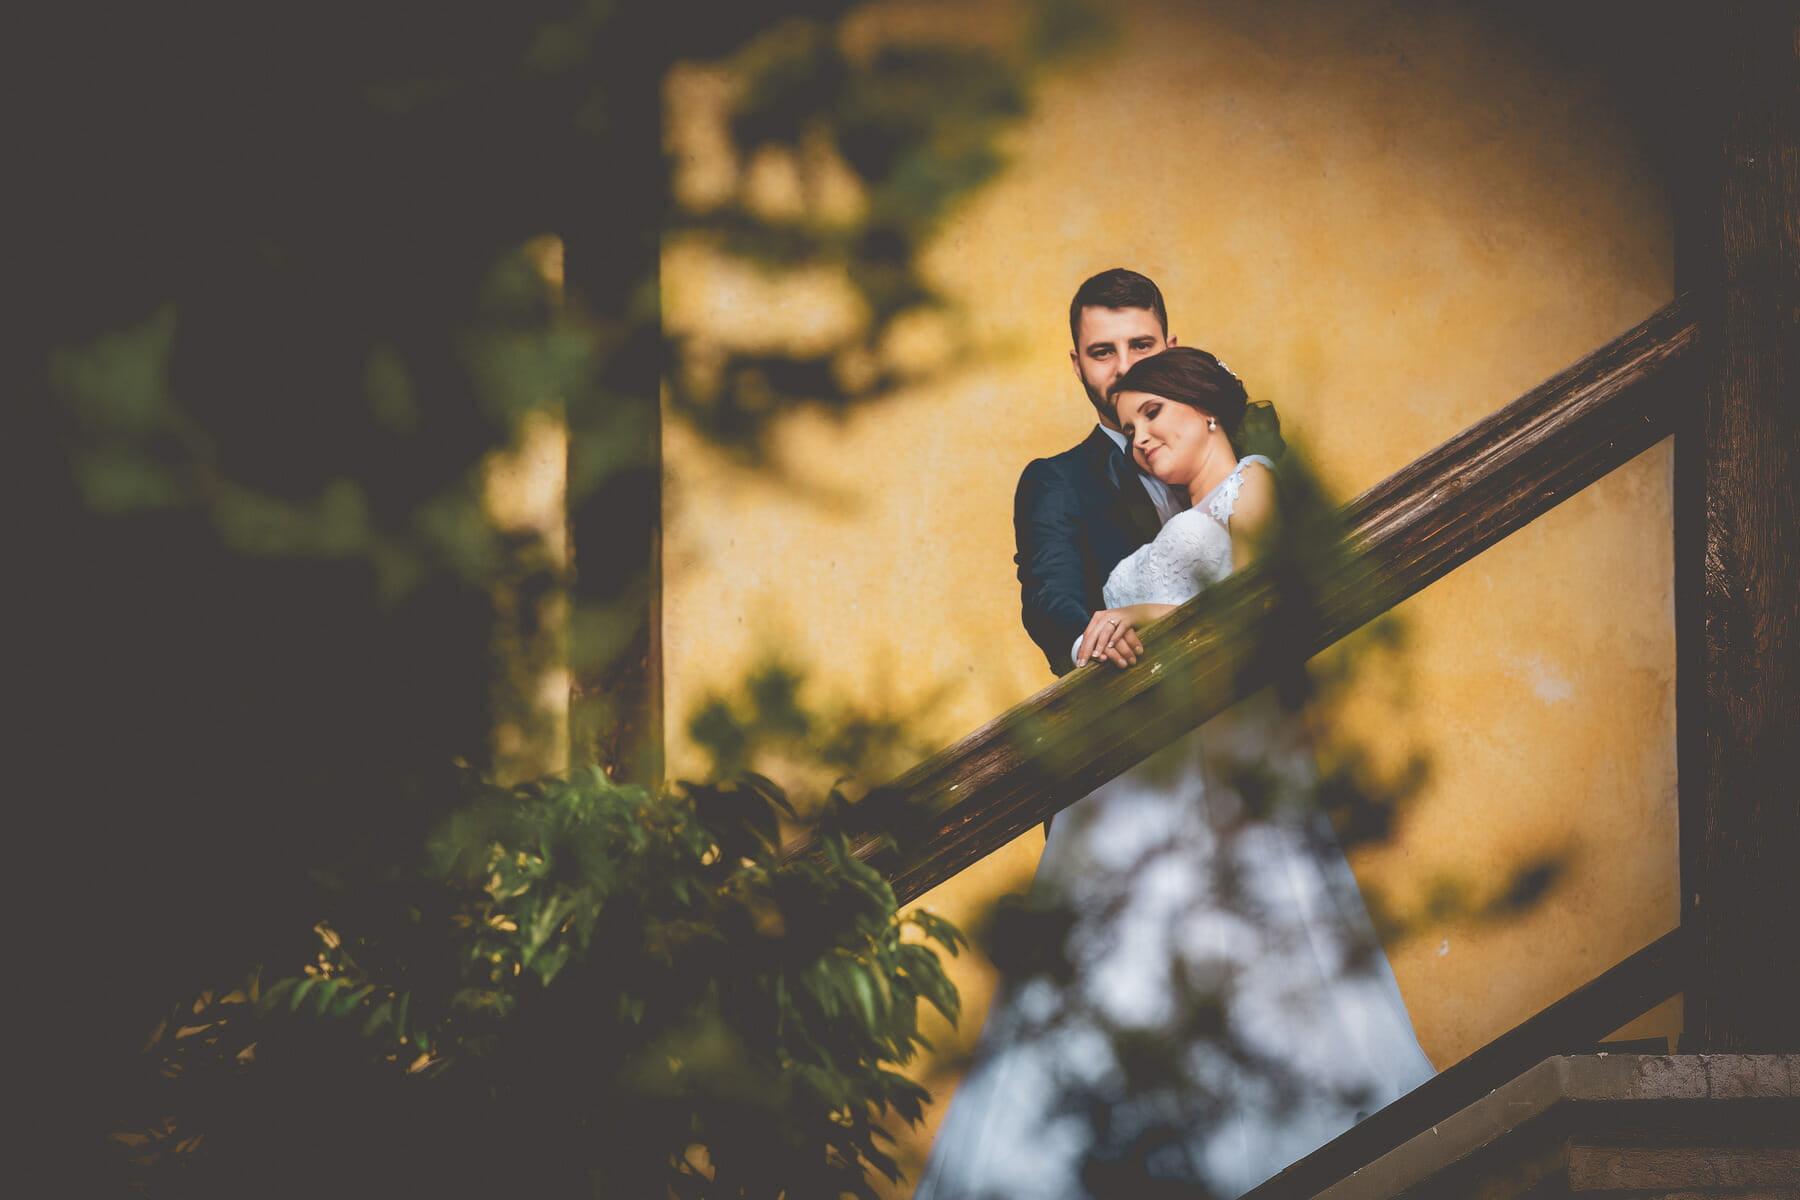 Сватбени фото сесии. Сватбена фотография от професионален фотограф Иван Банчев.